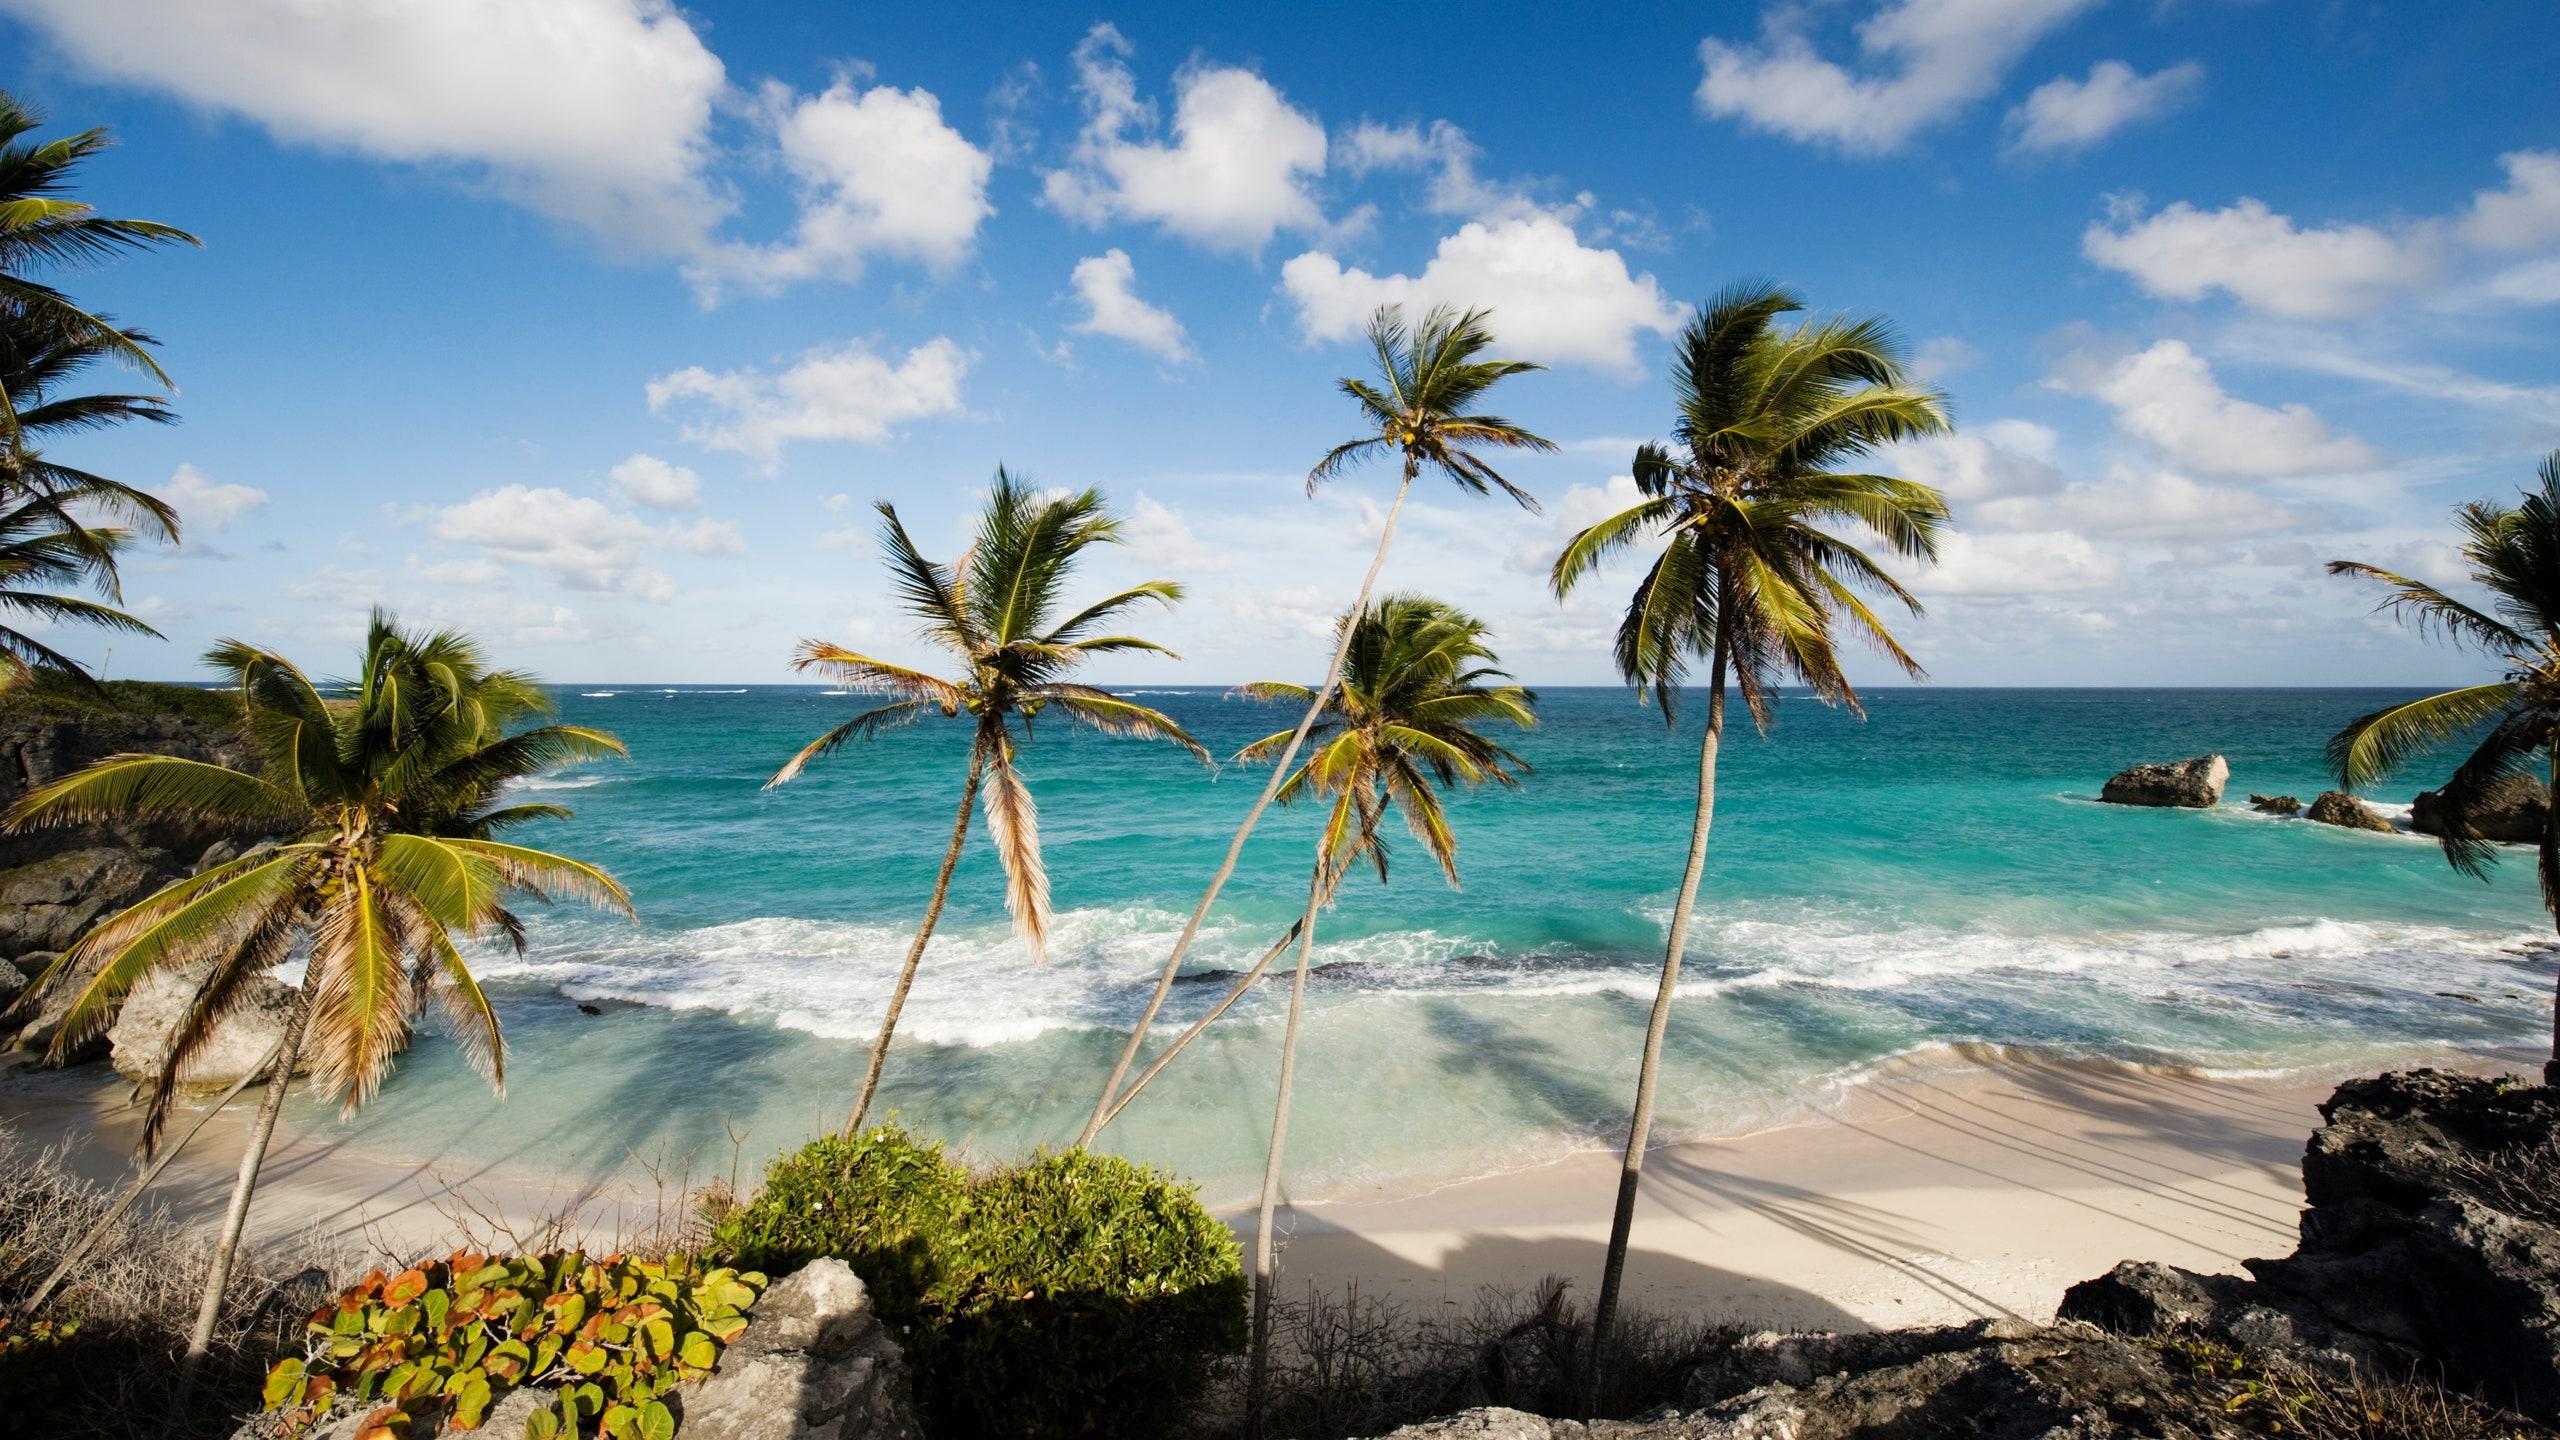 Quer morar em Barbados? Governo oferece visto de 12 meses para trabalho  remoto na ilha do Caribe - Estilozzo